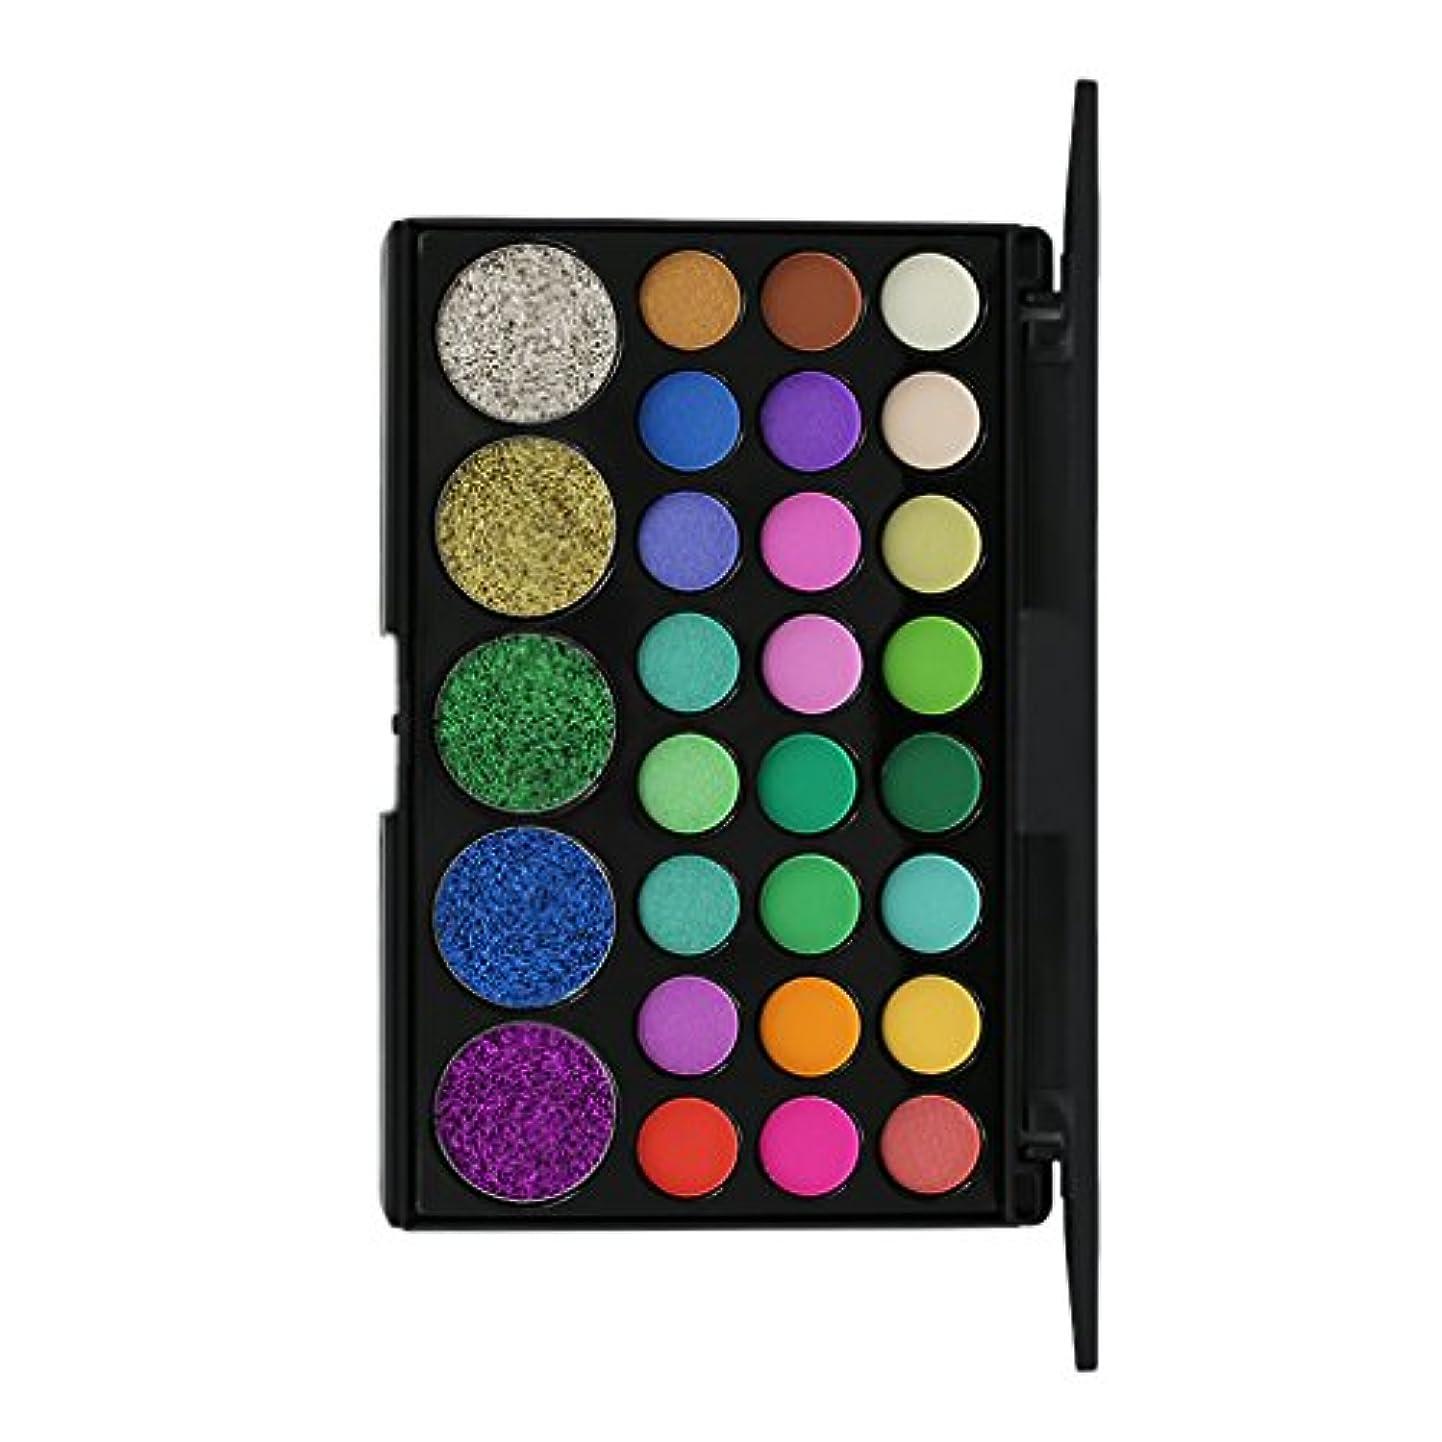 ダウンタウン平衡の29色の美しさメタルアイシャドウメイクアップパレットマットシャイニーアイシャドー - #2